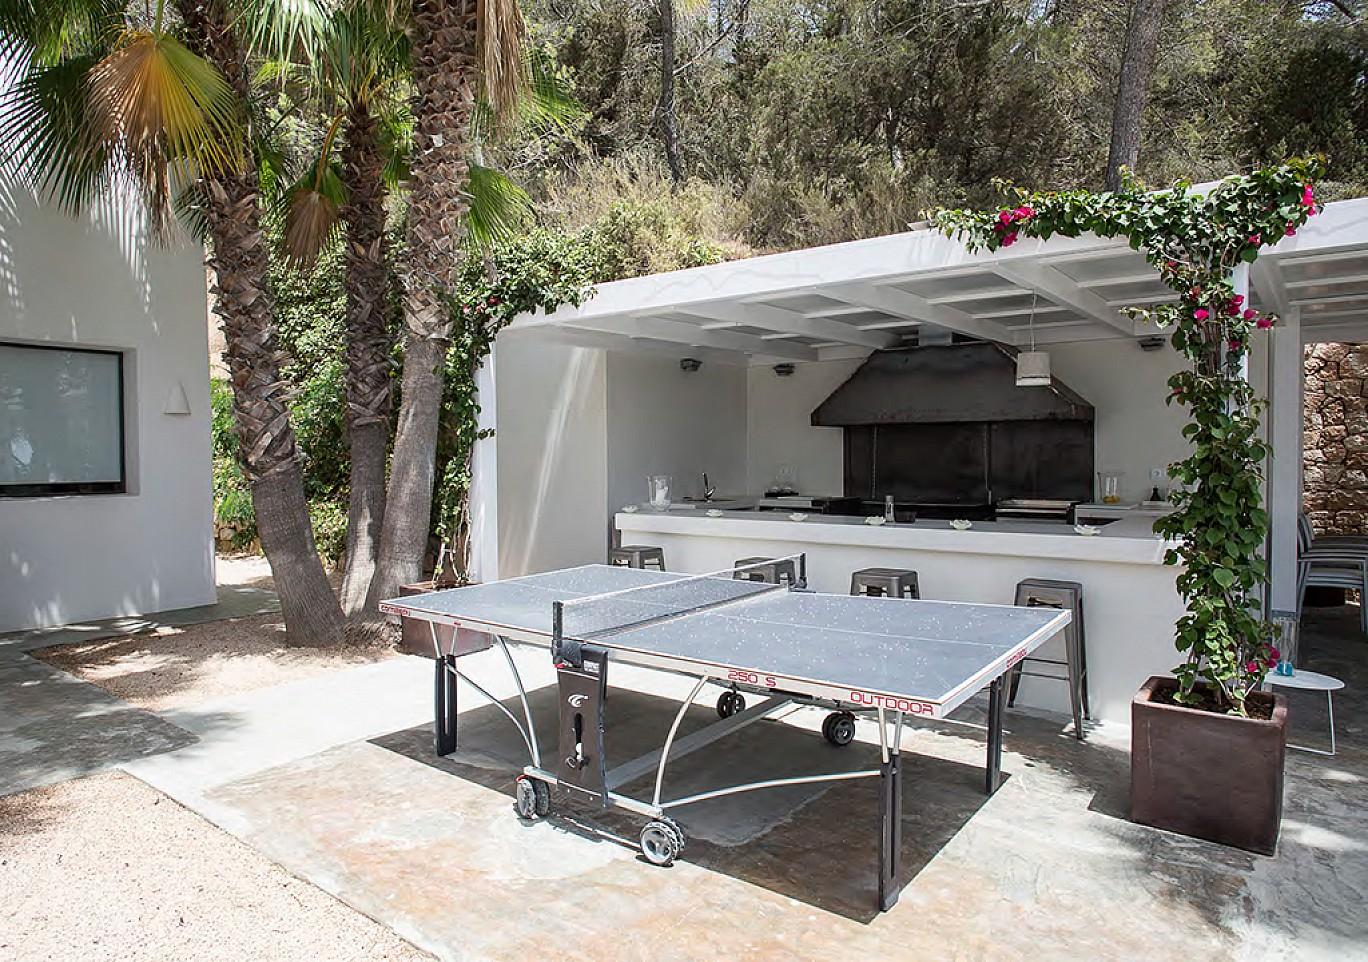 Taula de ping pong al costat de la cuina exterior